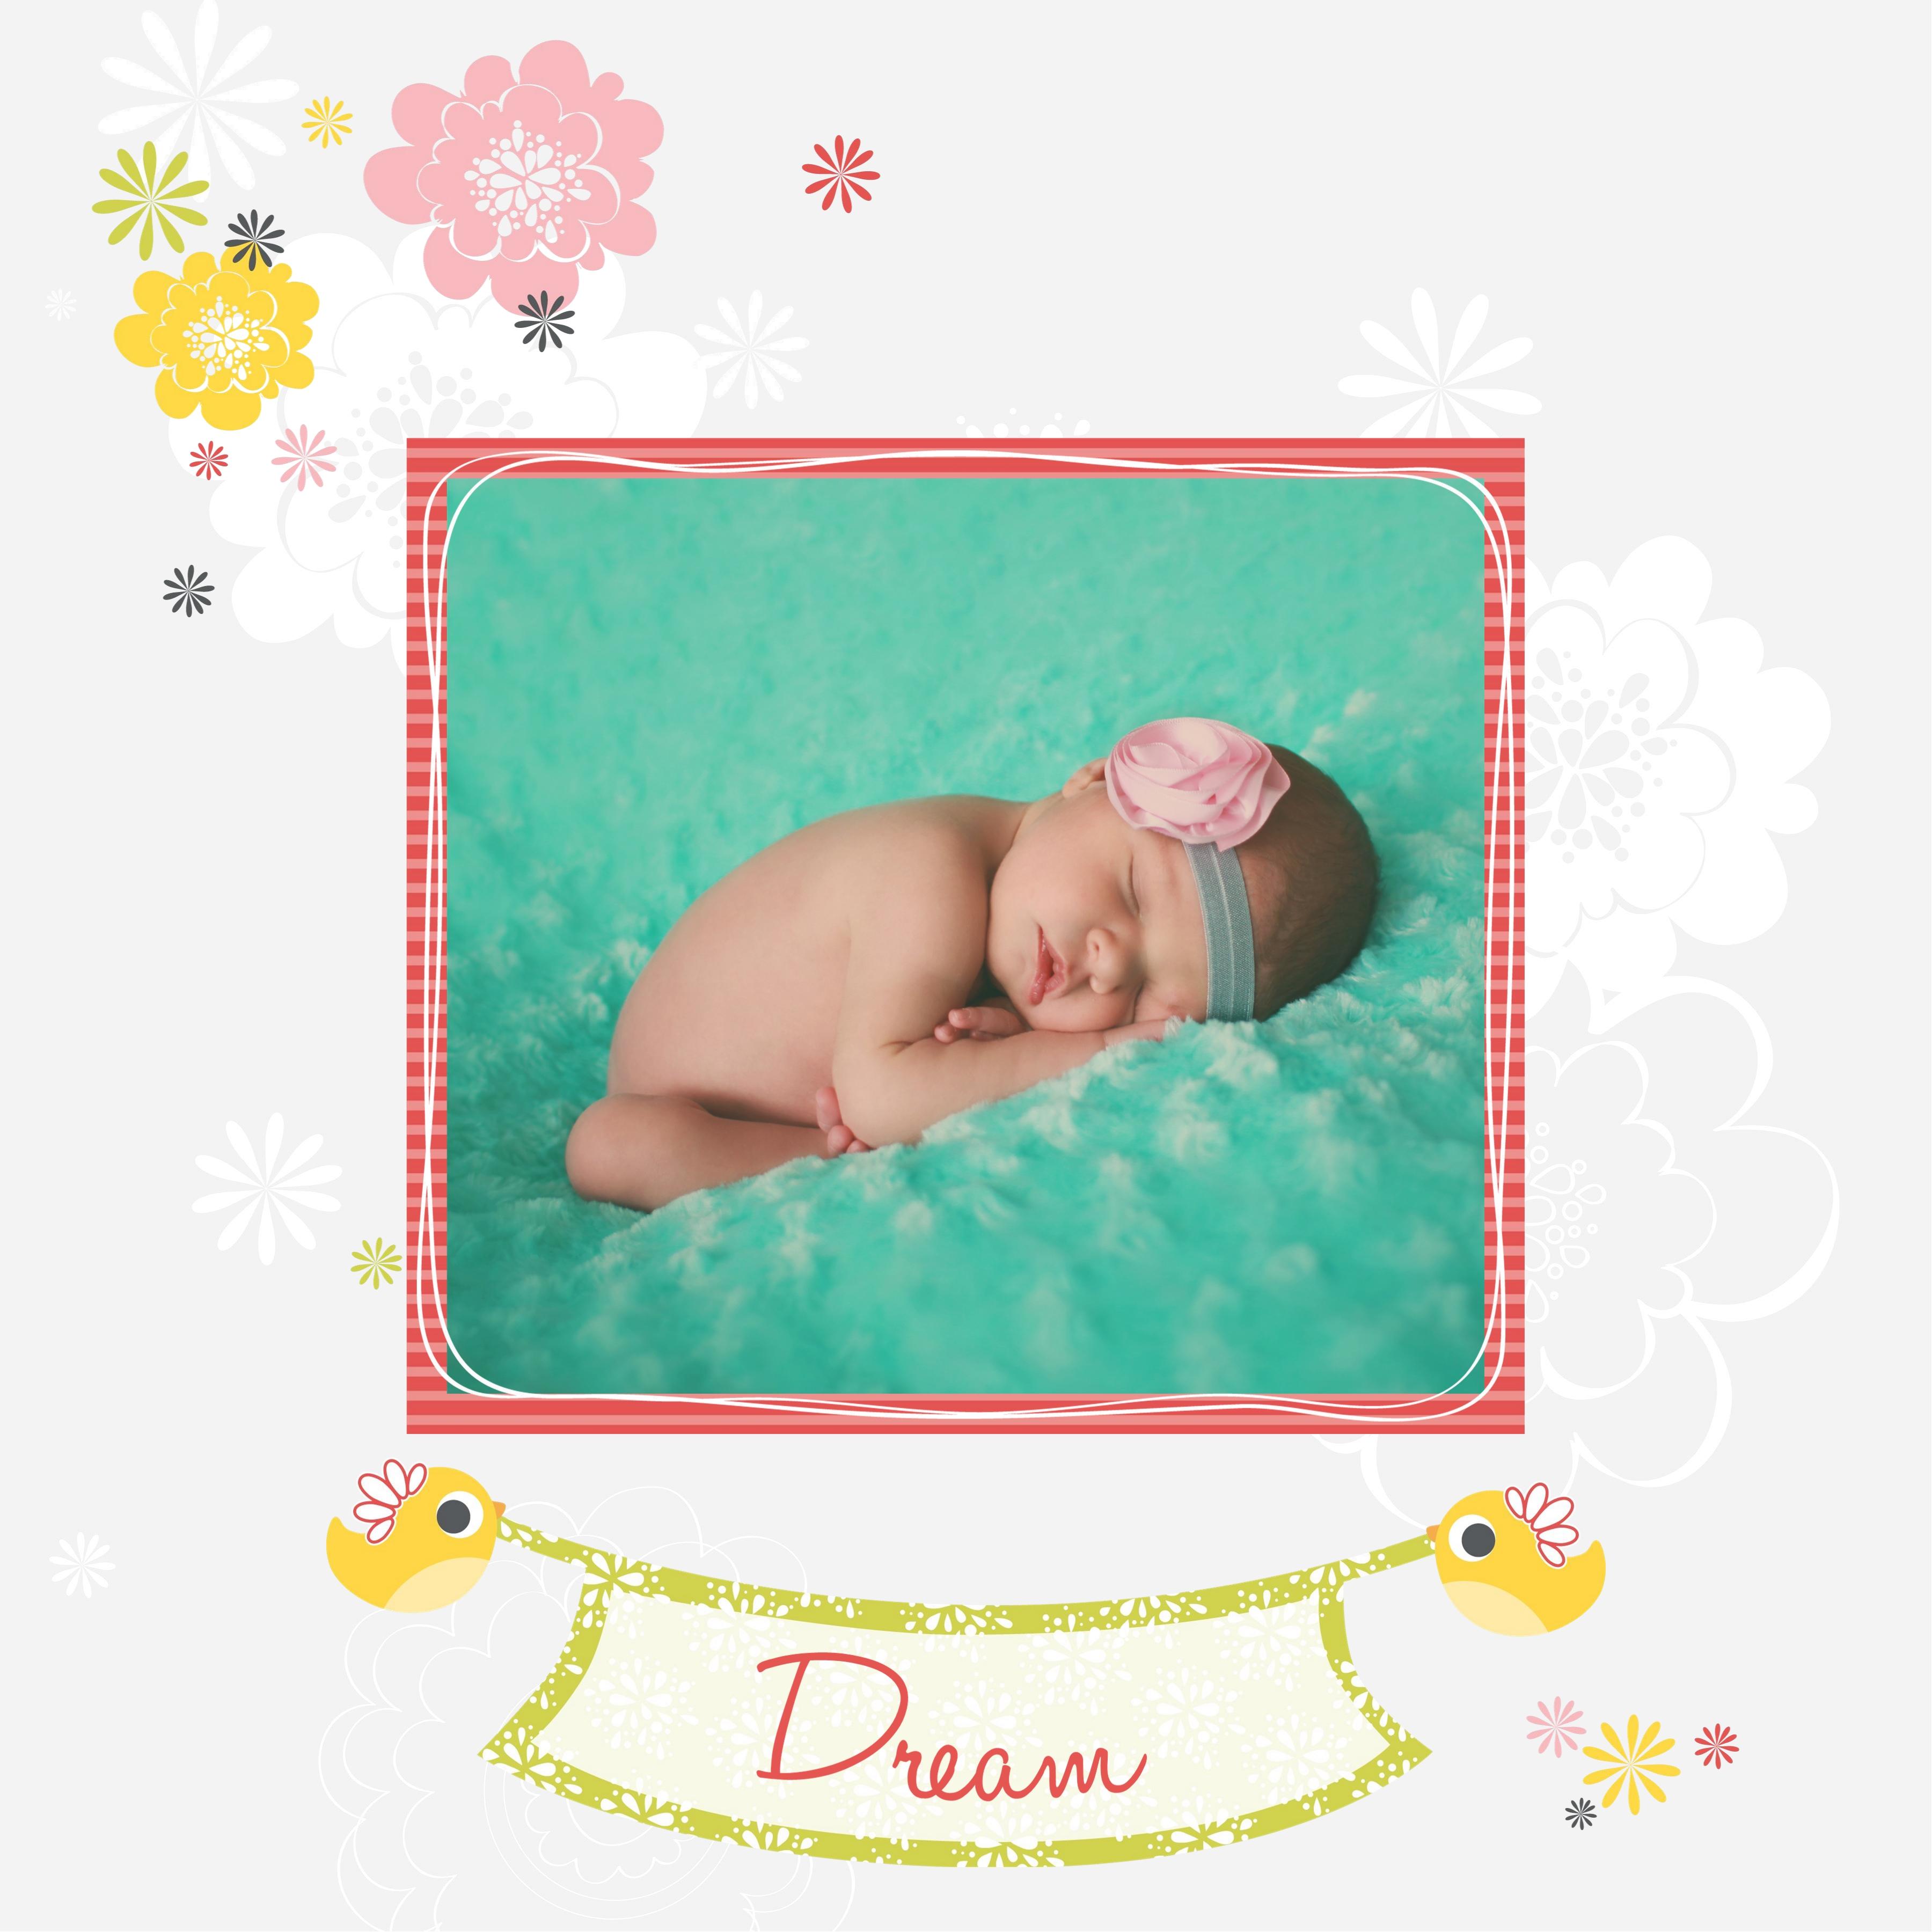 BabyGirl - Page 018.jpg